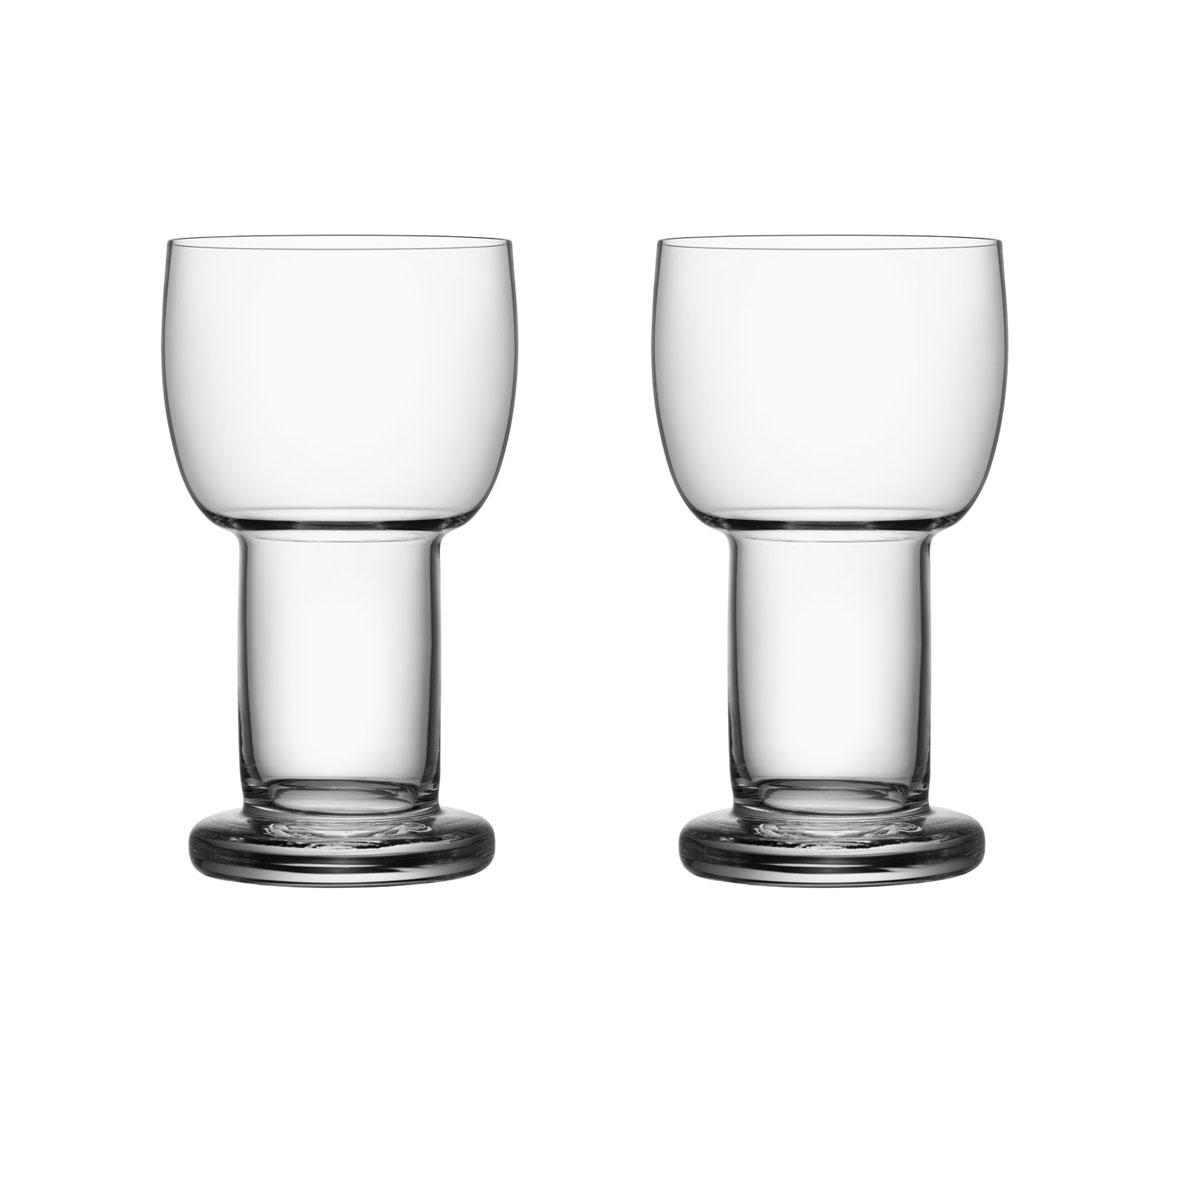 Kosta Boda Picnic Large Glasses Pair